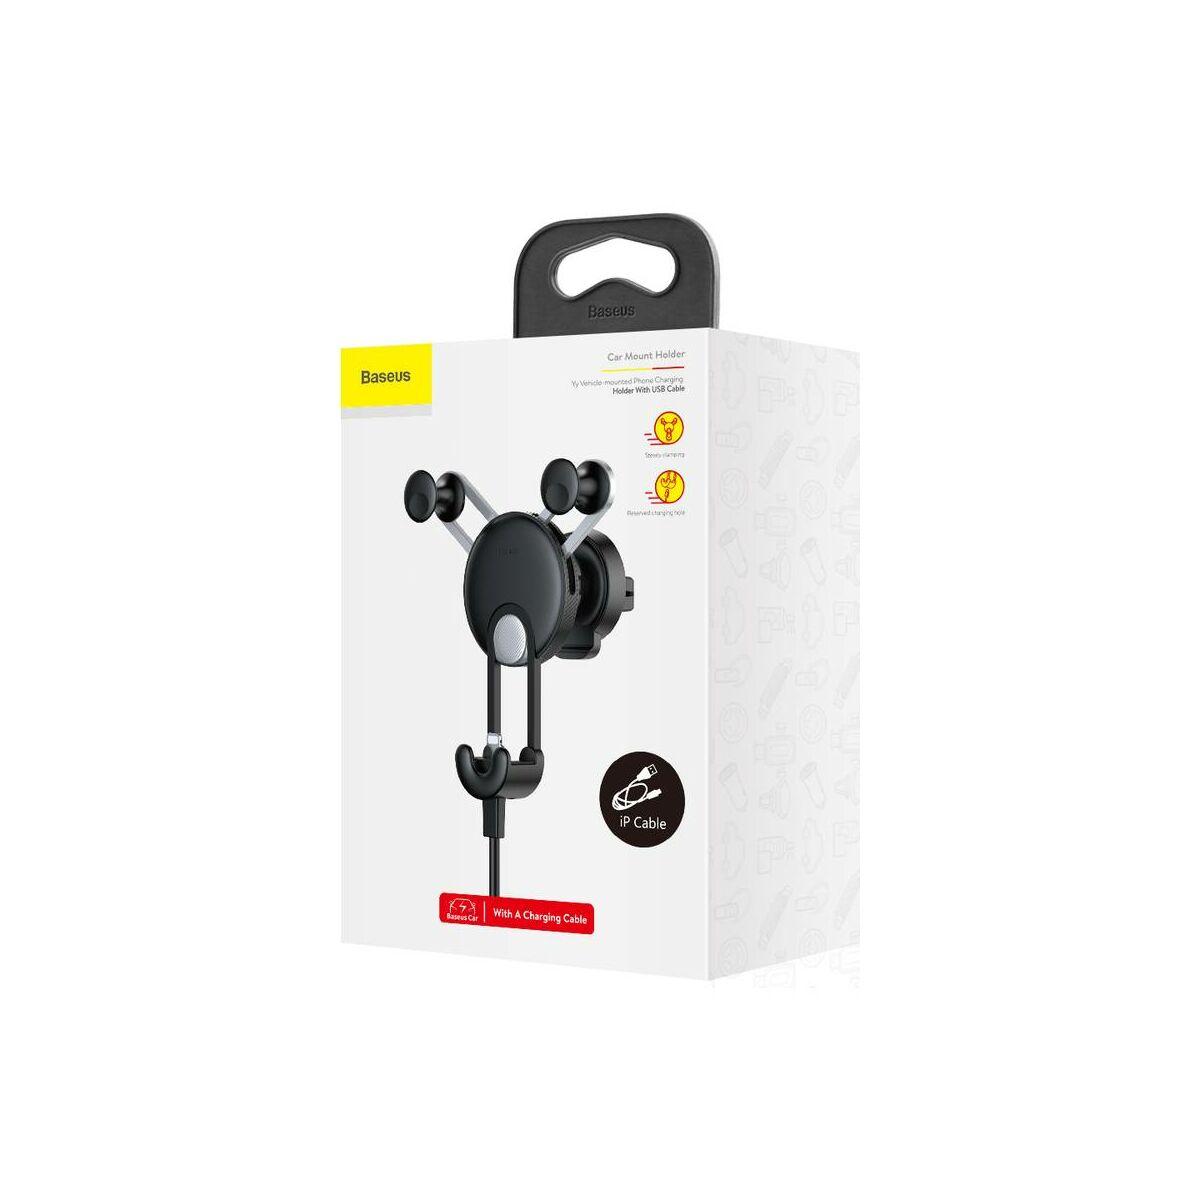 Baseus autós telefontartó, YY alakú töltő kábellel (Lightning), ezüst (SULYY-0S)